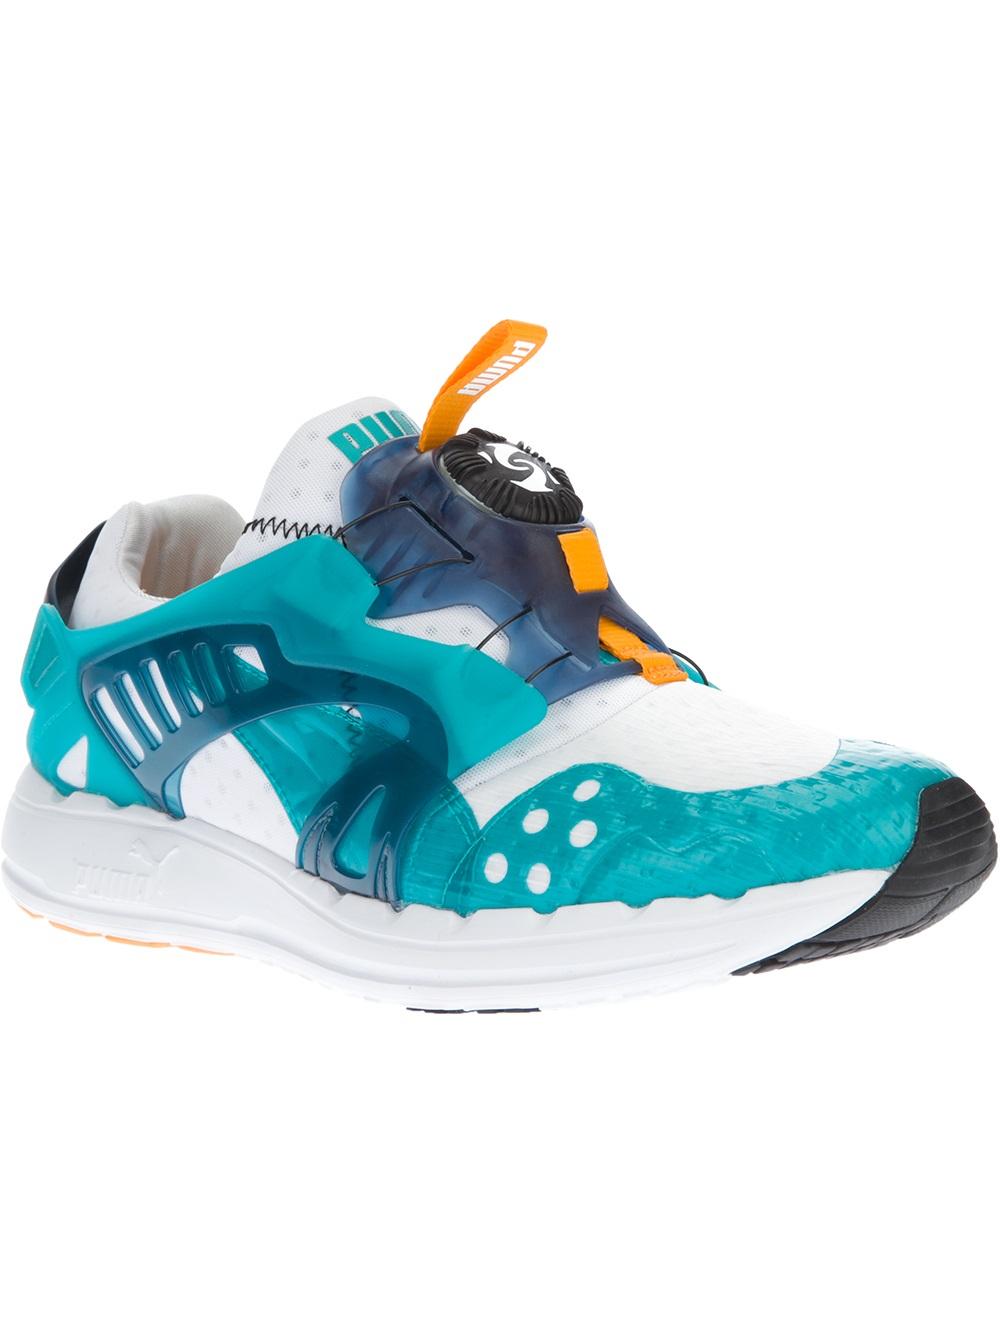 best sneakers 48f17 c4524 PUMA Disc Blaze Lite Tech Sneaker in Blue for Men - Lyst